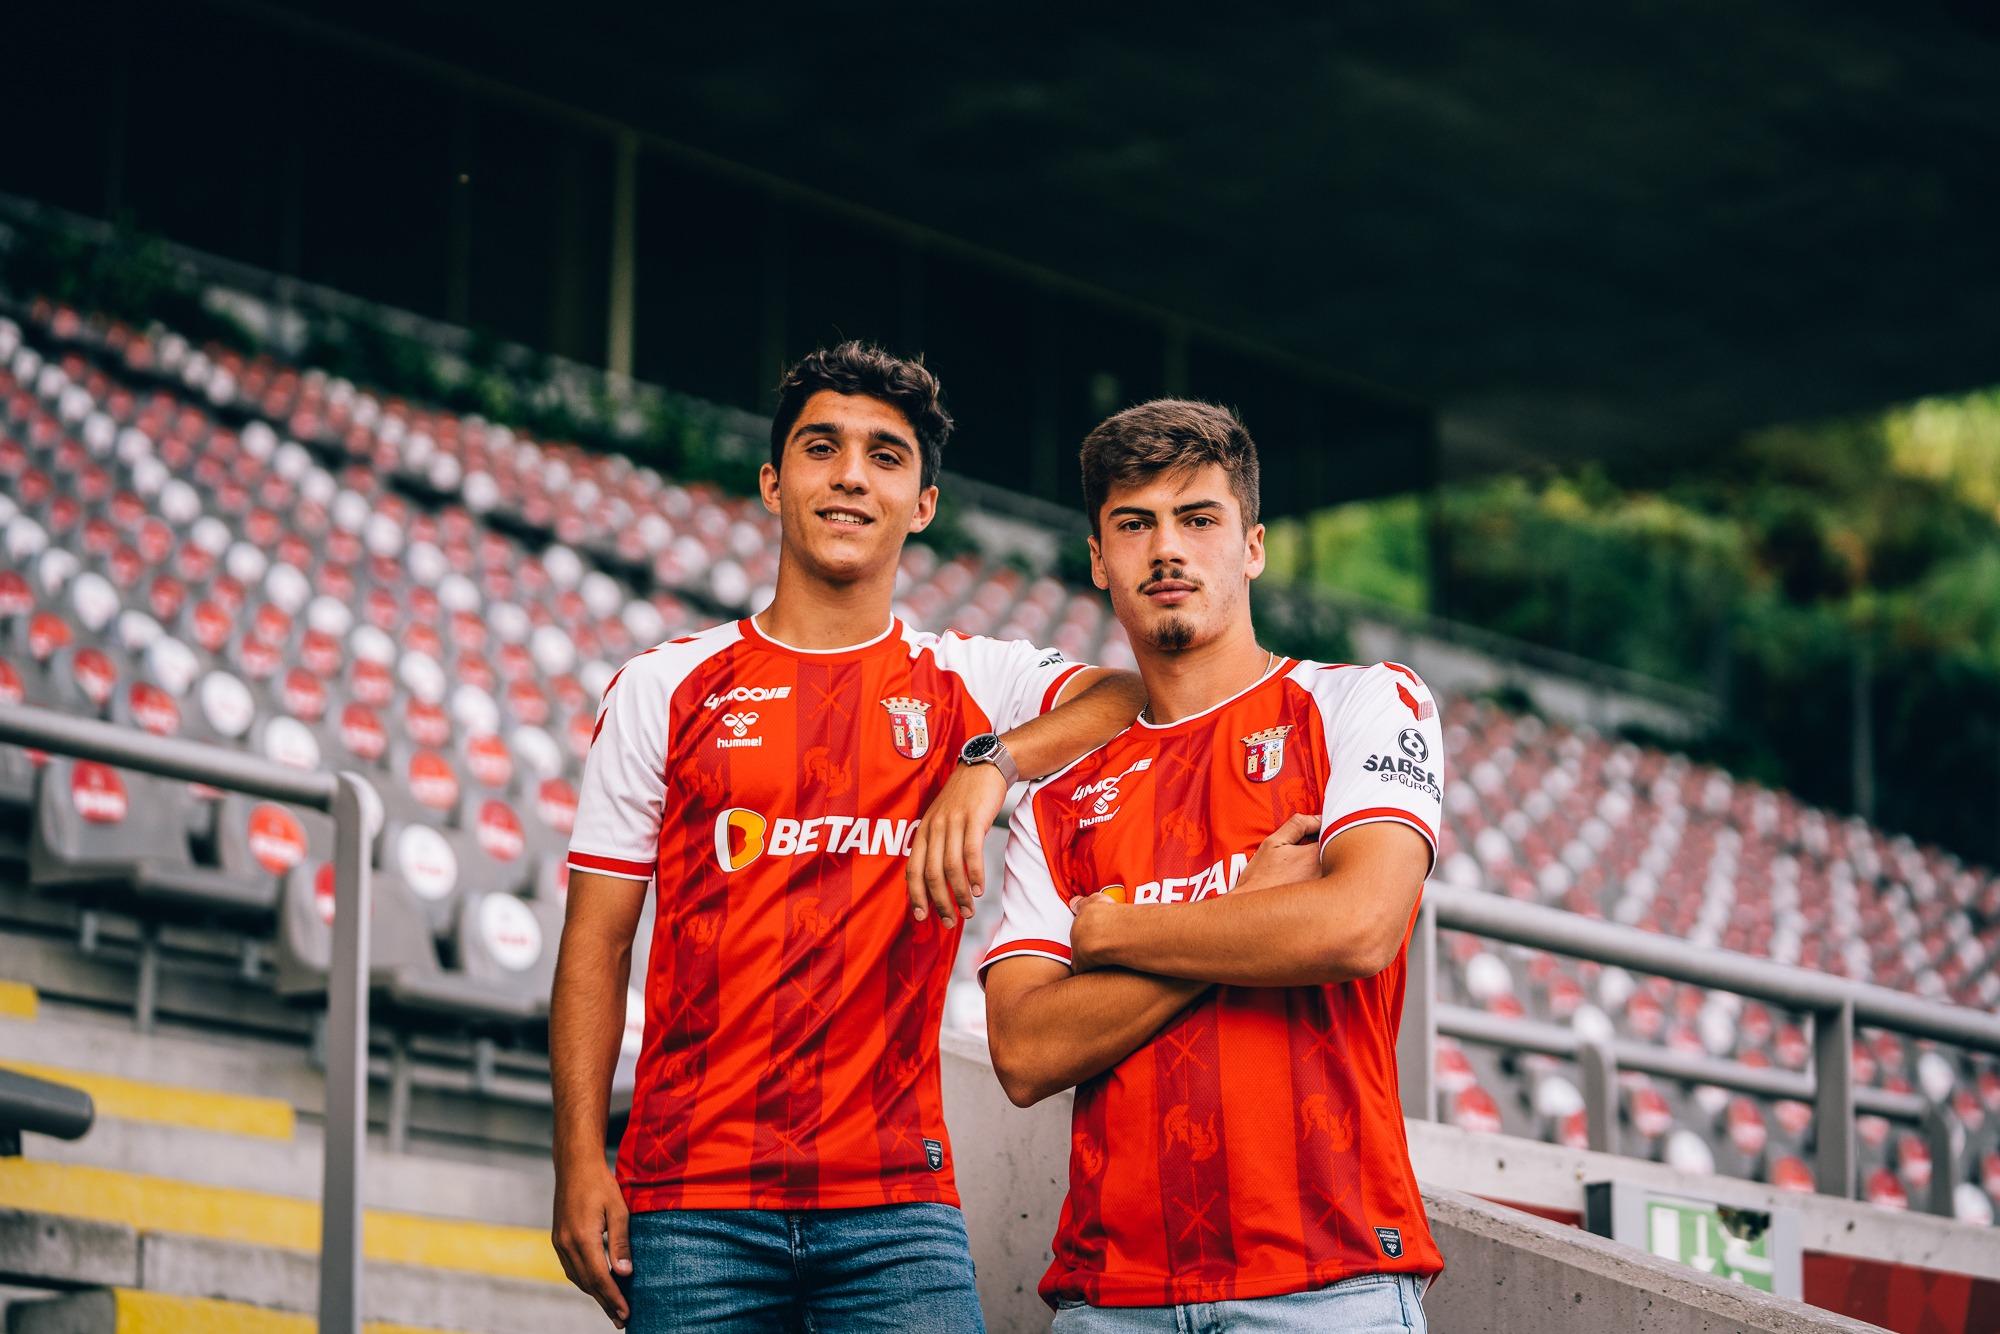 José Pereira e Pedro Pereira renovam pelo SC Braga